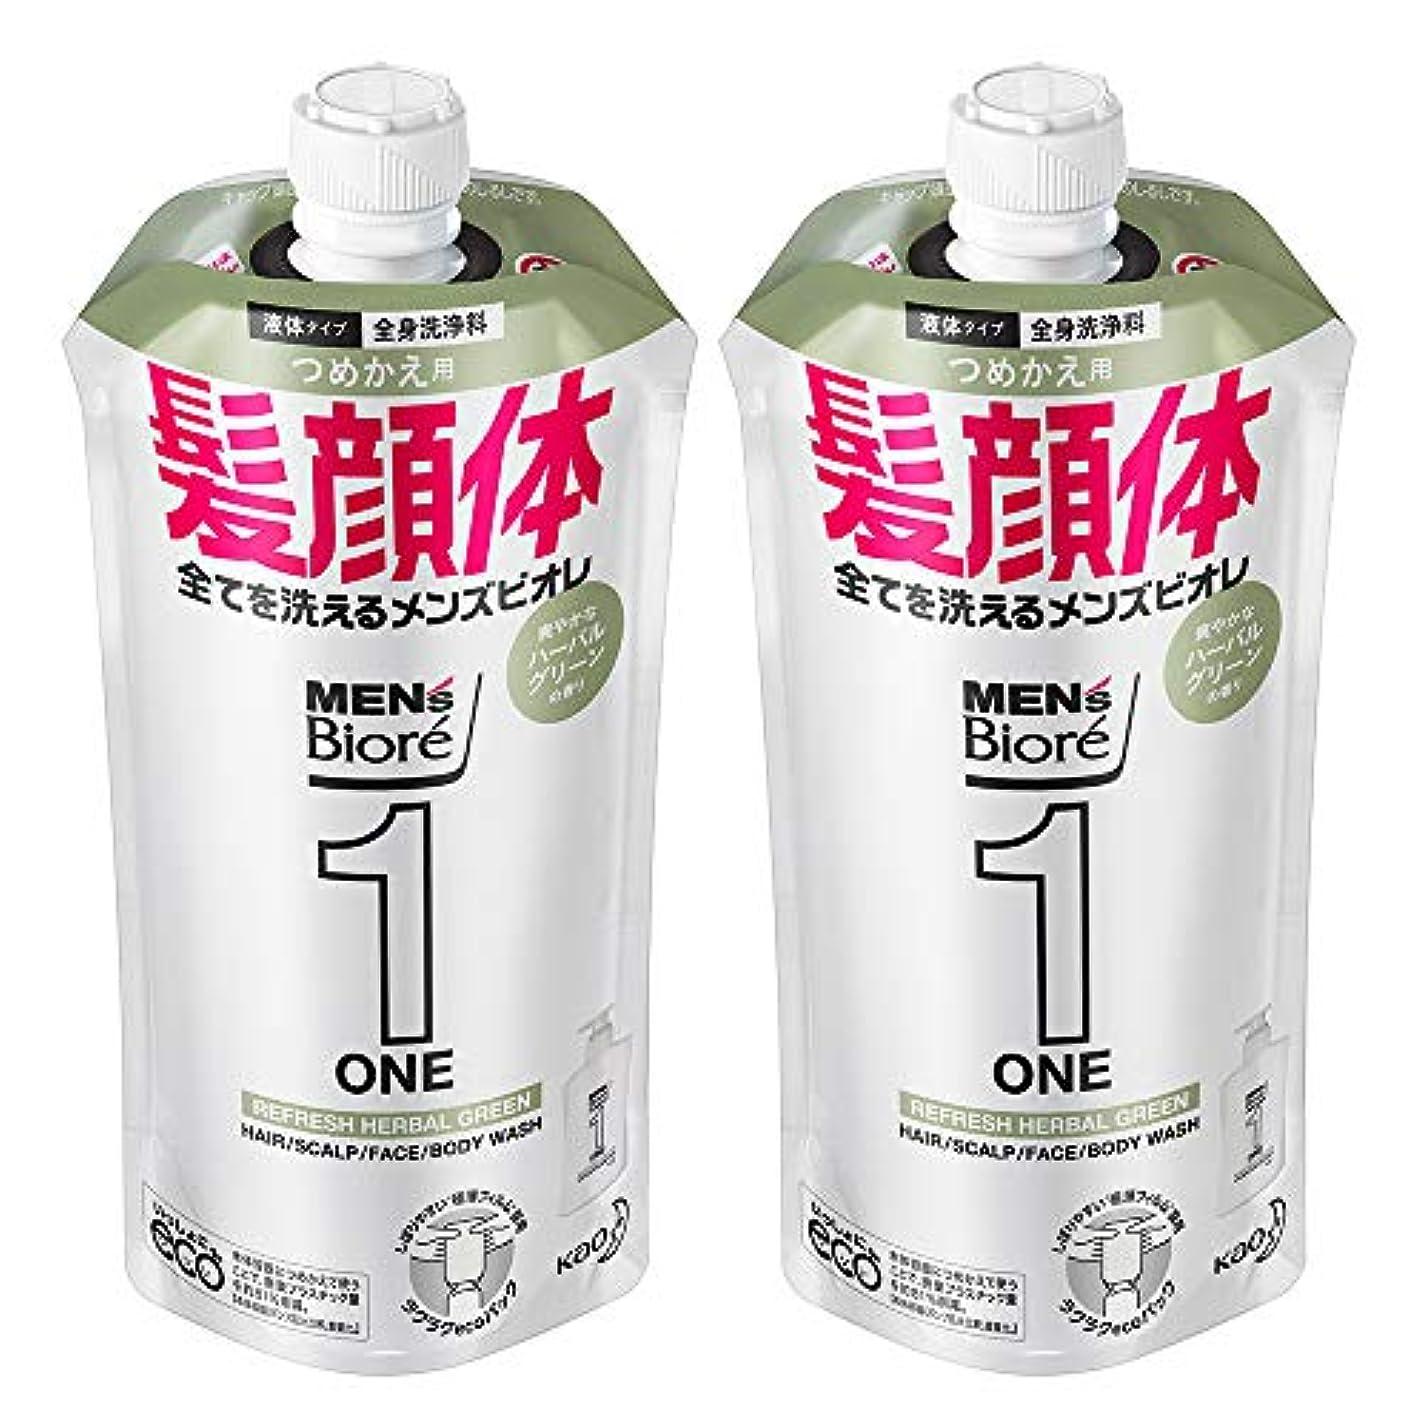 腸リングワイヤー【まとめ買い】メンズビオレ ONE オールインワン全身洗浄料 ハーバルグリーンの香り つめかえ用 340ml×2個